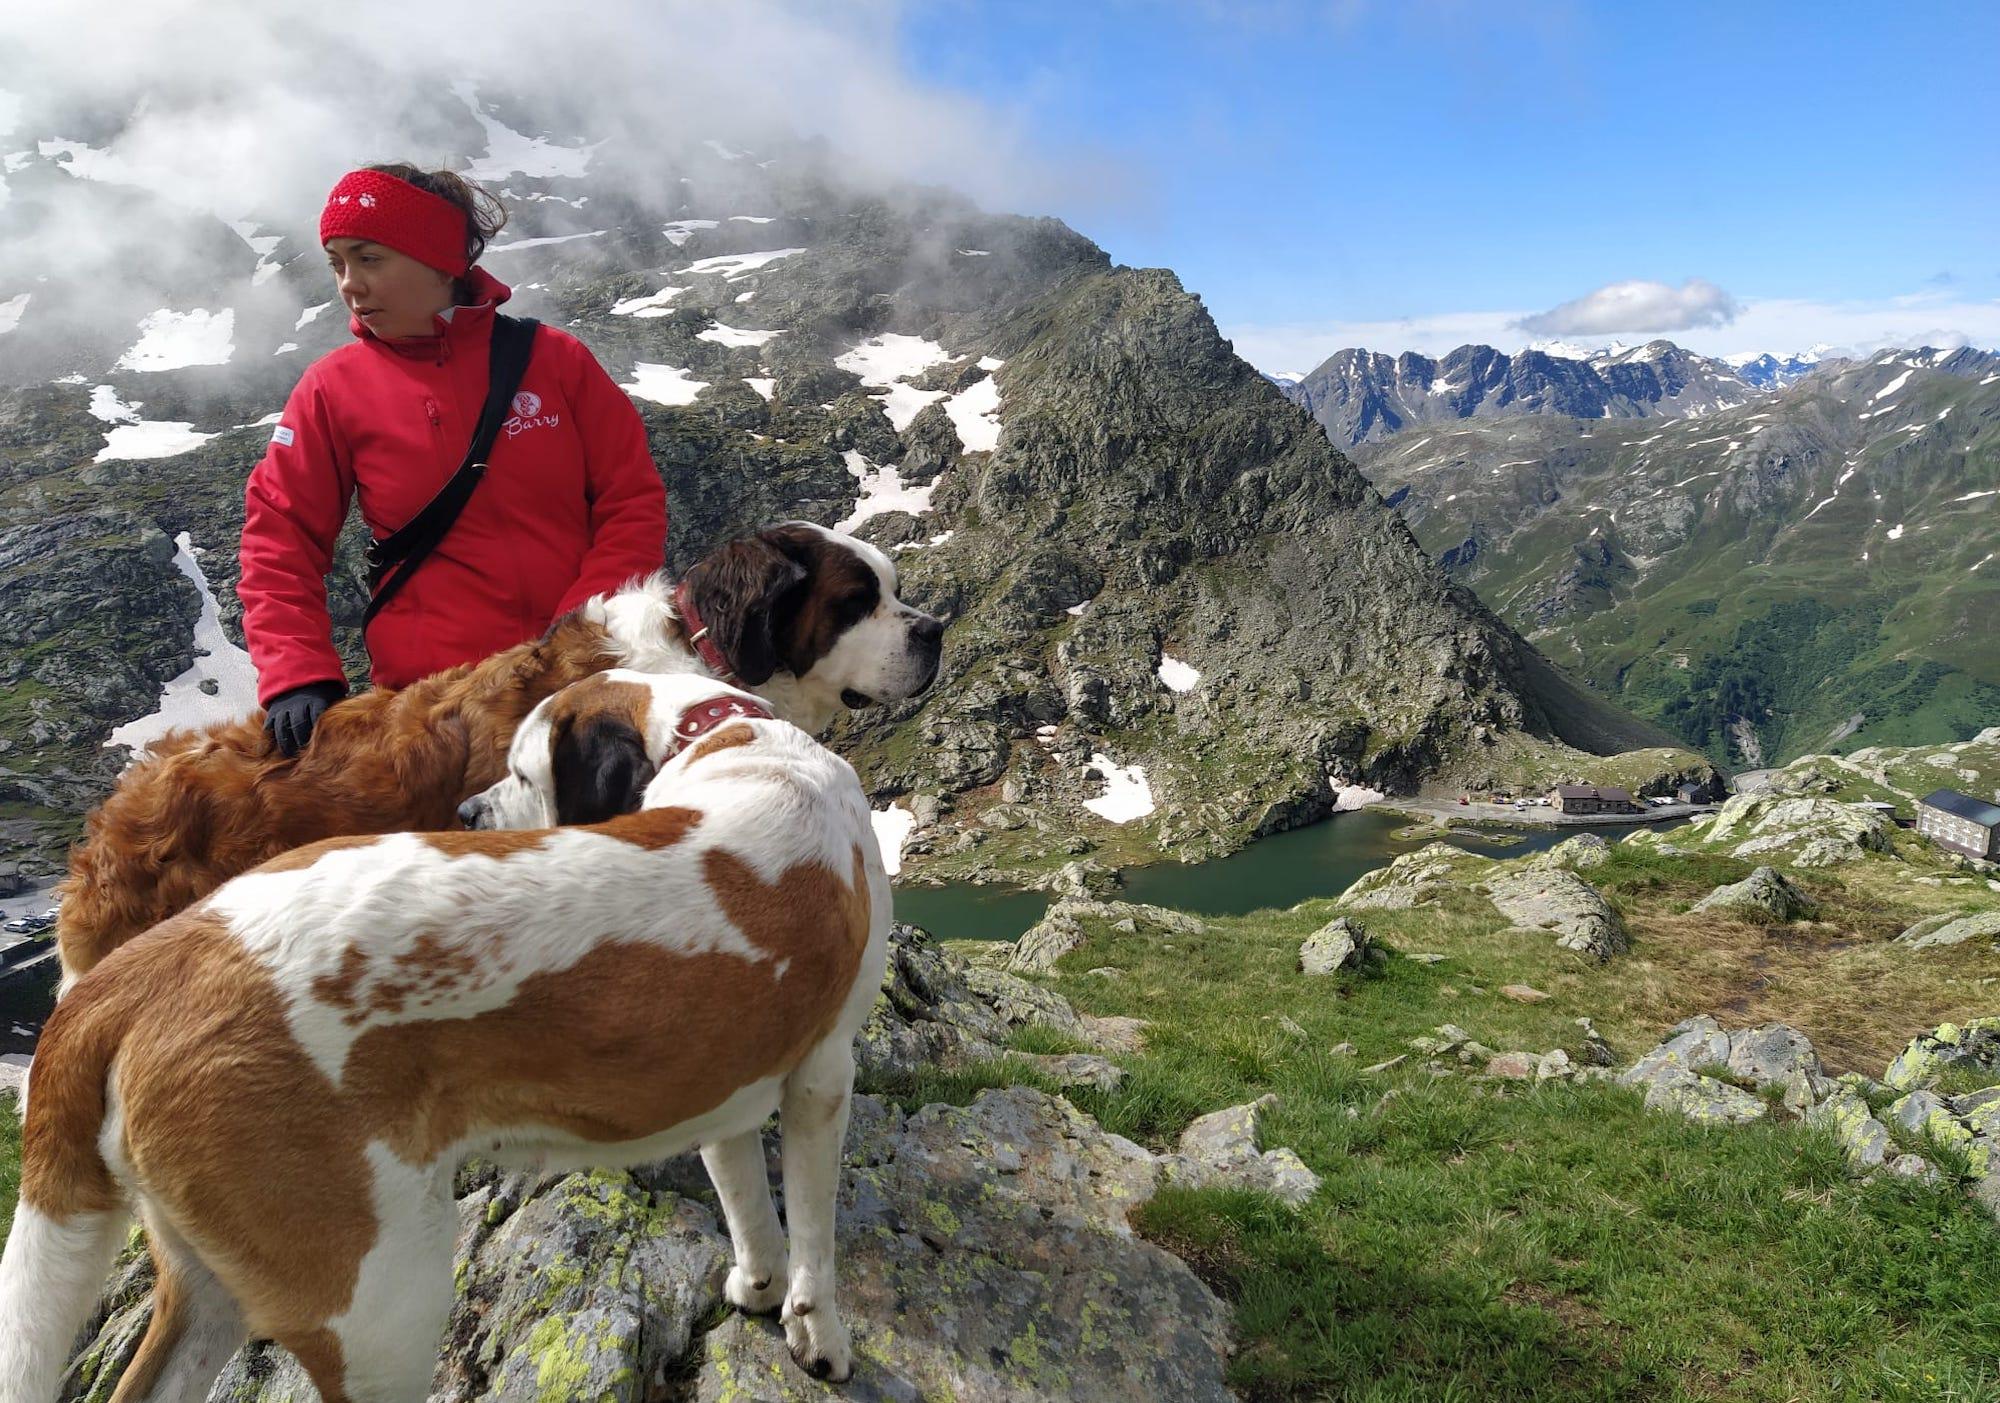 escursioni-in-svizzera-sentieri-gran-san-bernardo-con-i-cani-foto-martino-de-mori-sportoutdoor24